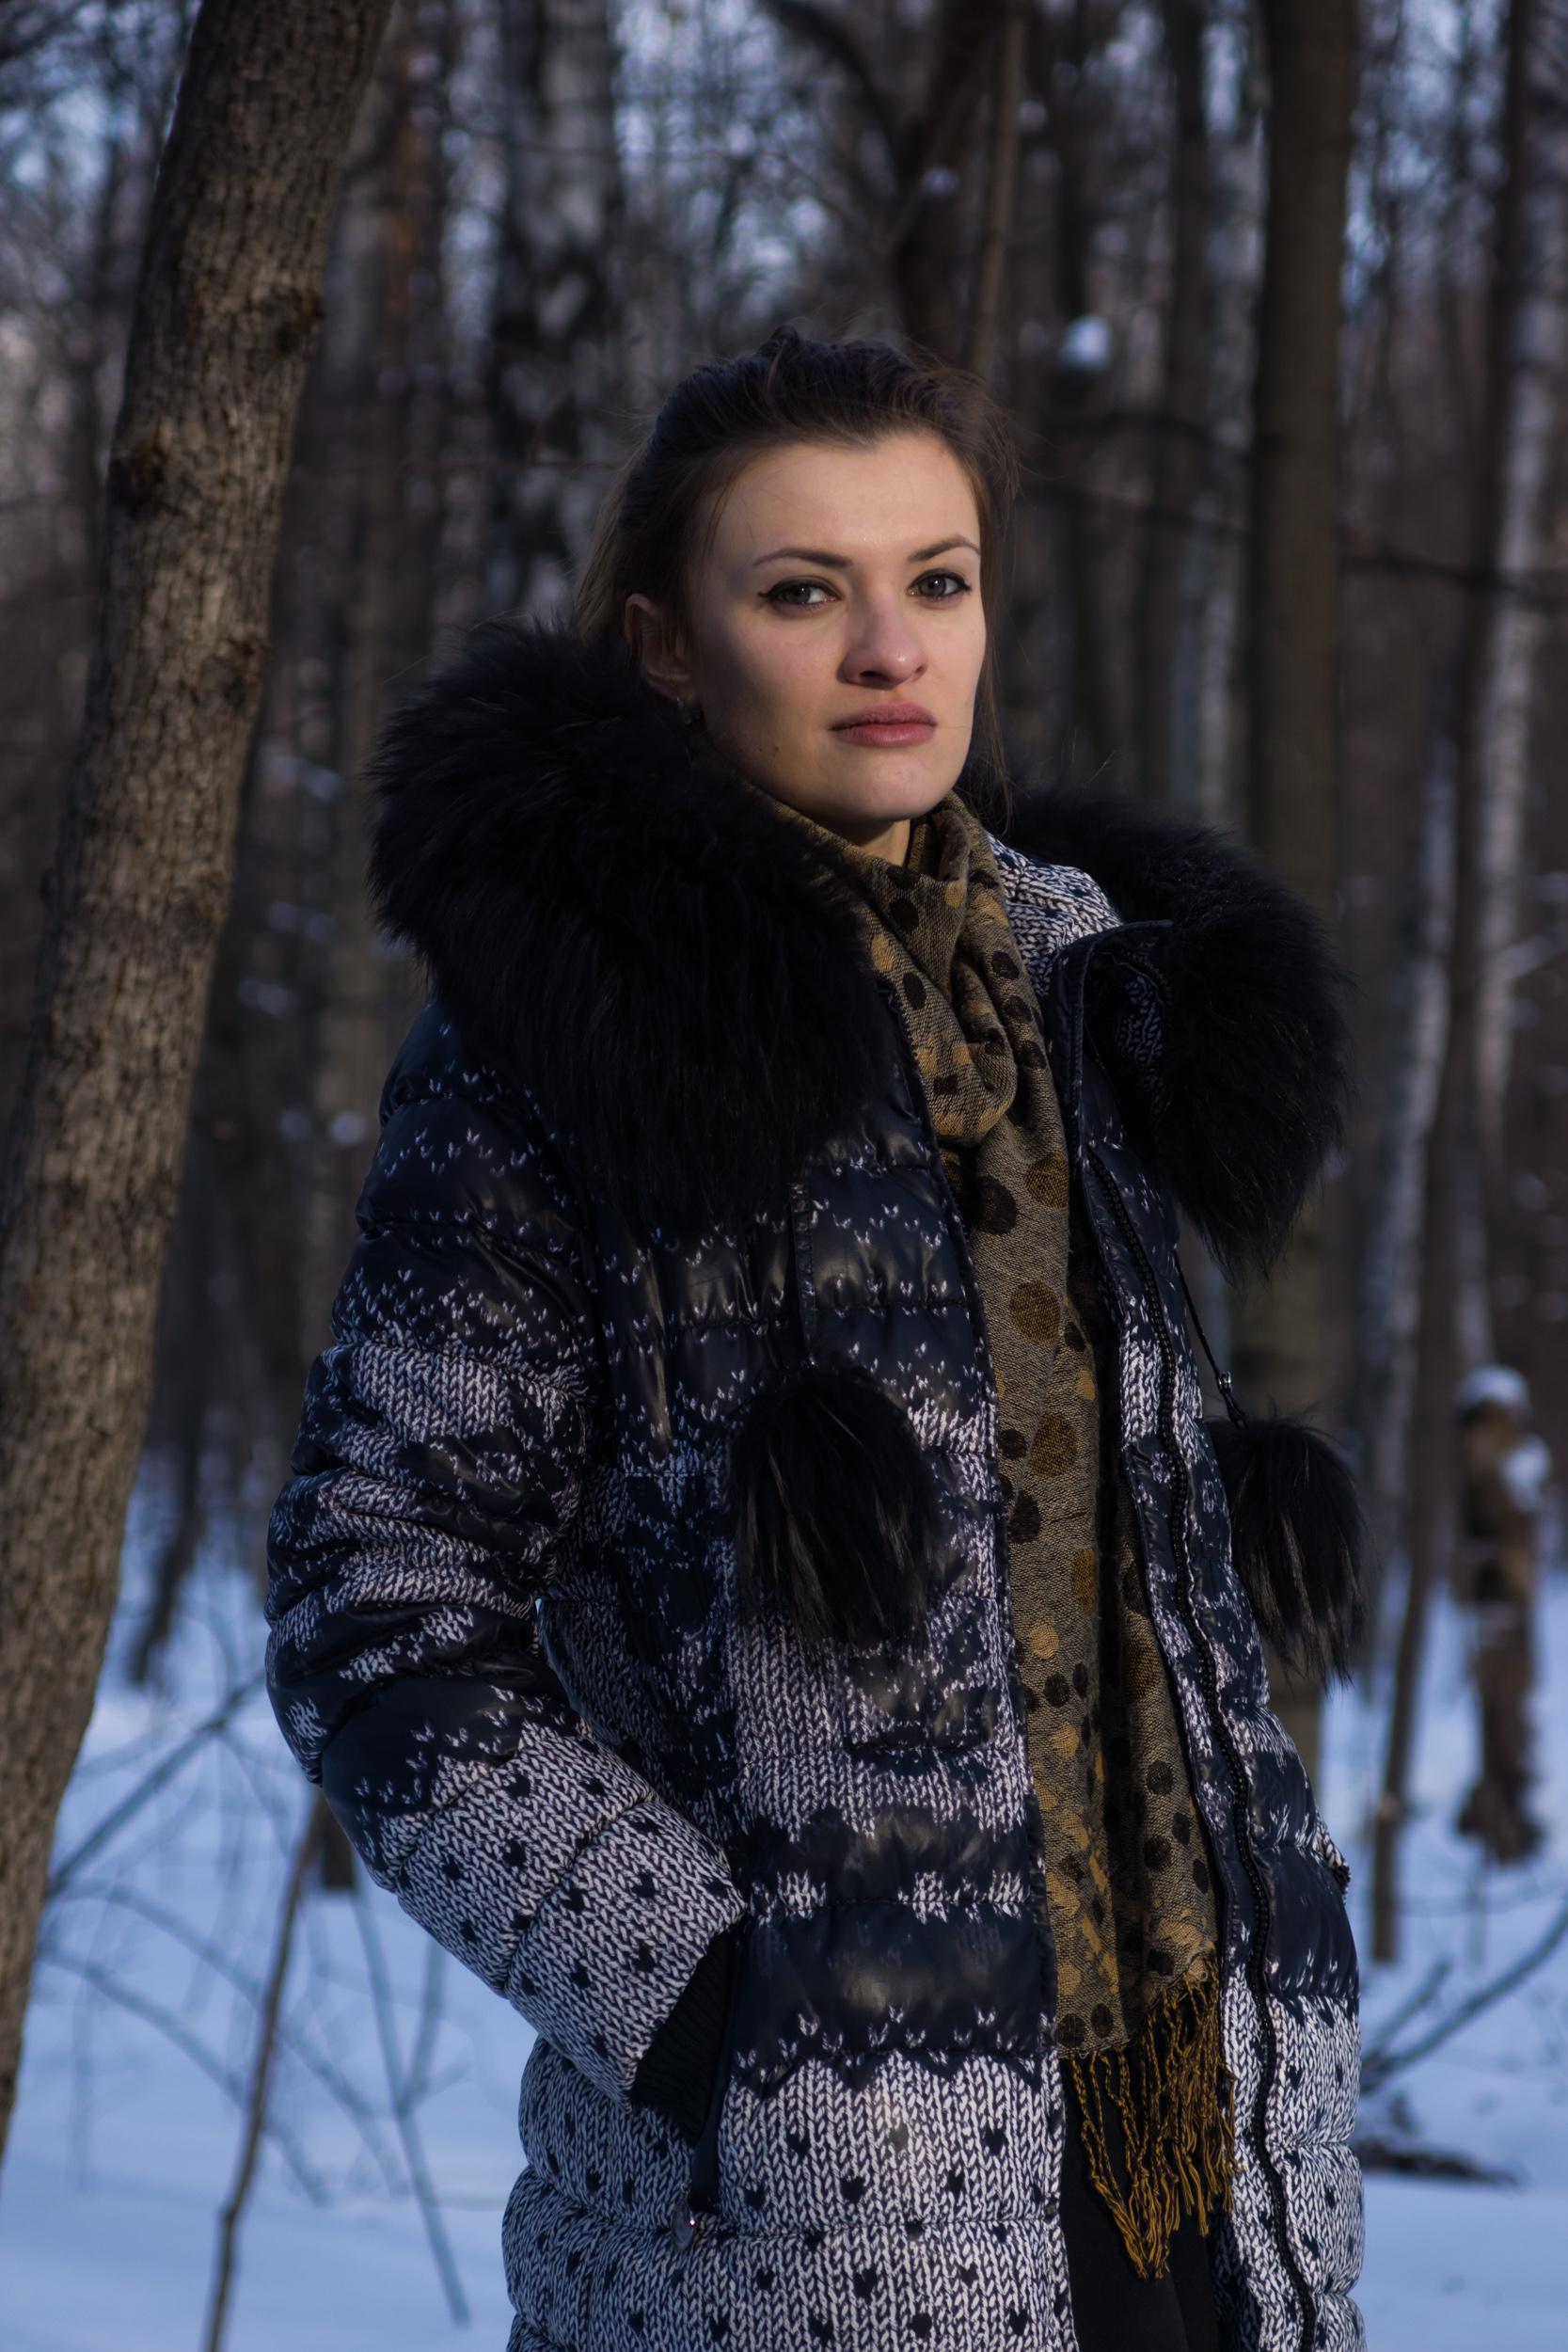 predstavlyaet-soboy-foto-devushek-v-zimnem-bele-snyali-kameru-kak